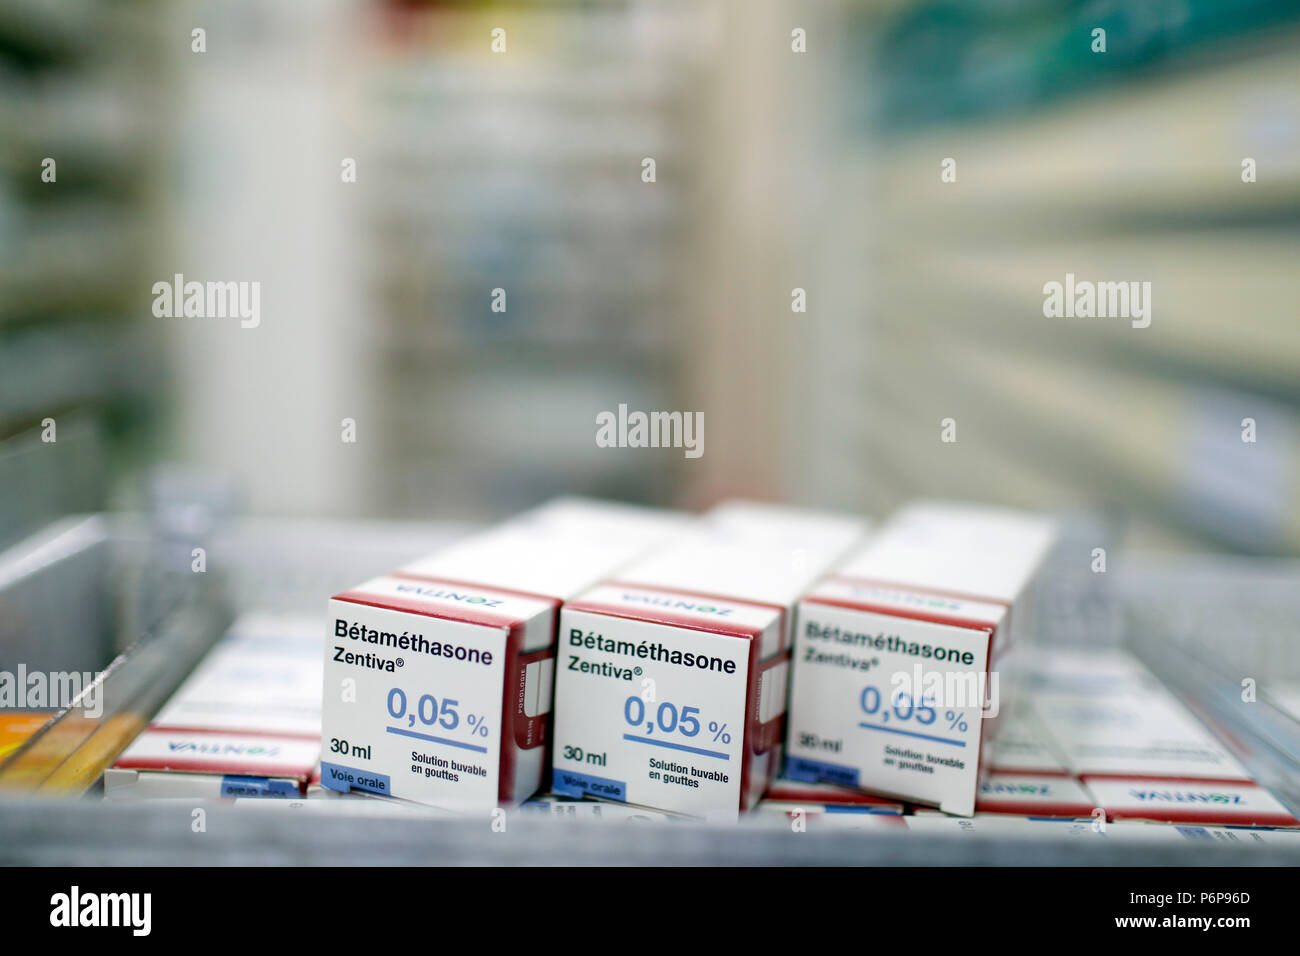 D'excellente réputation. Médicaments dans un tiroir coulissant. La France. Photo Stock